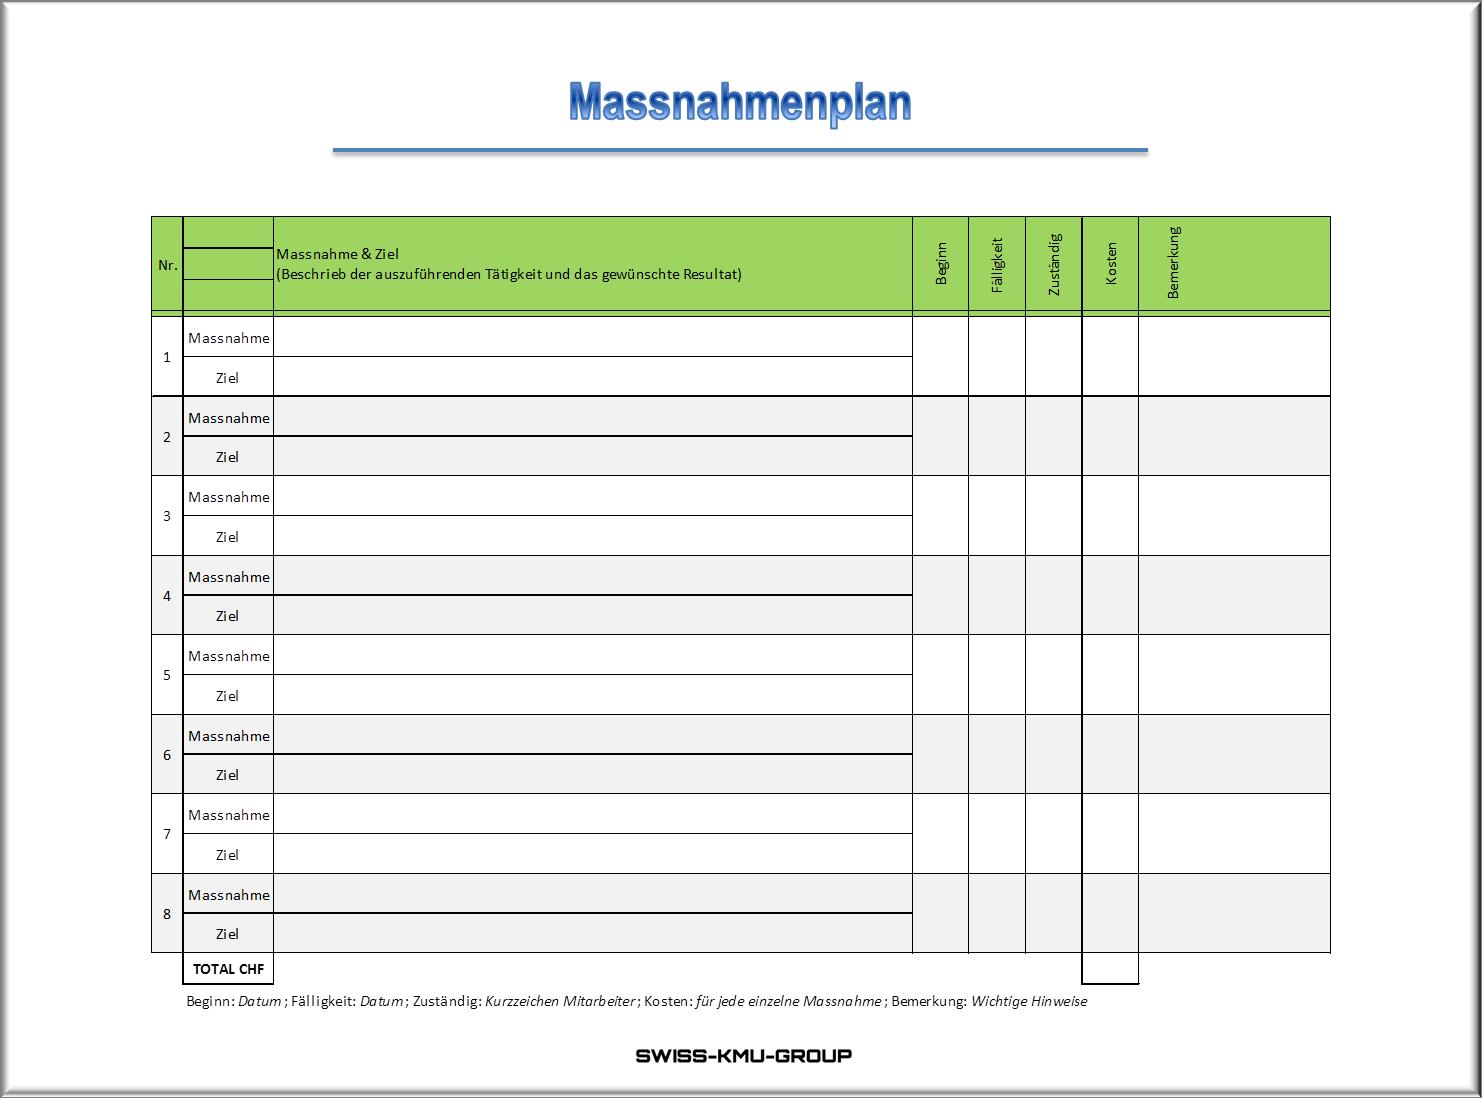 Businessplan Online Ch Massnahmenplan Beispiel 1 Planer Businessplan App